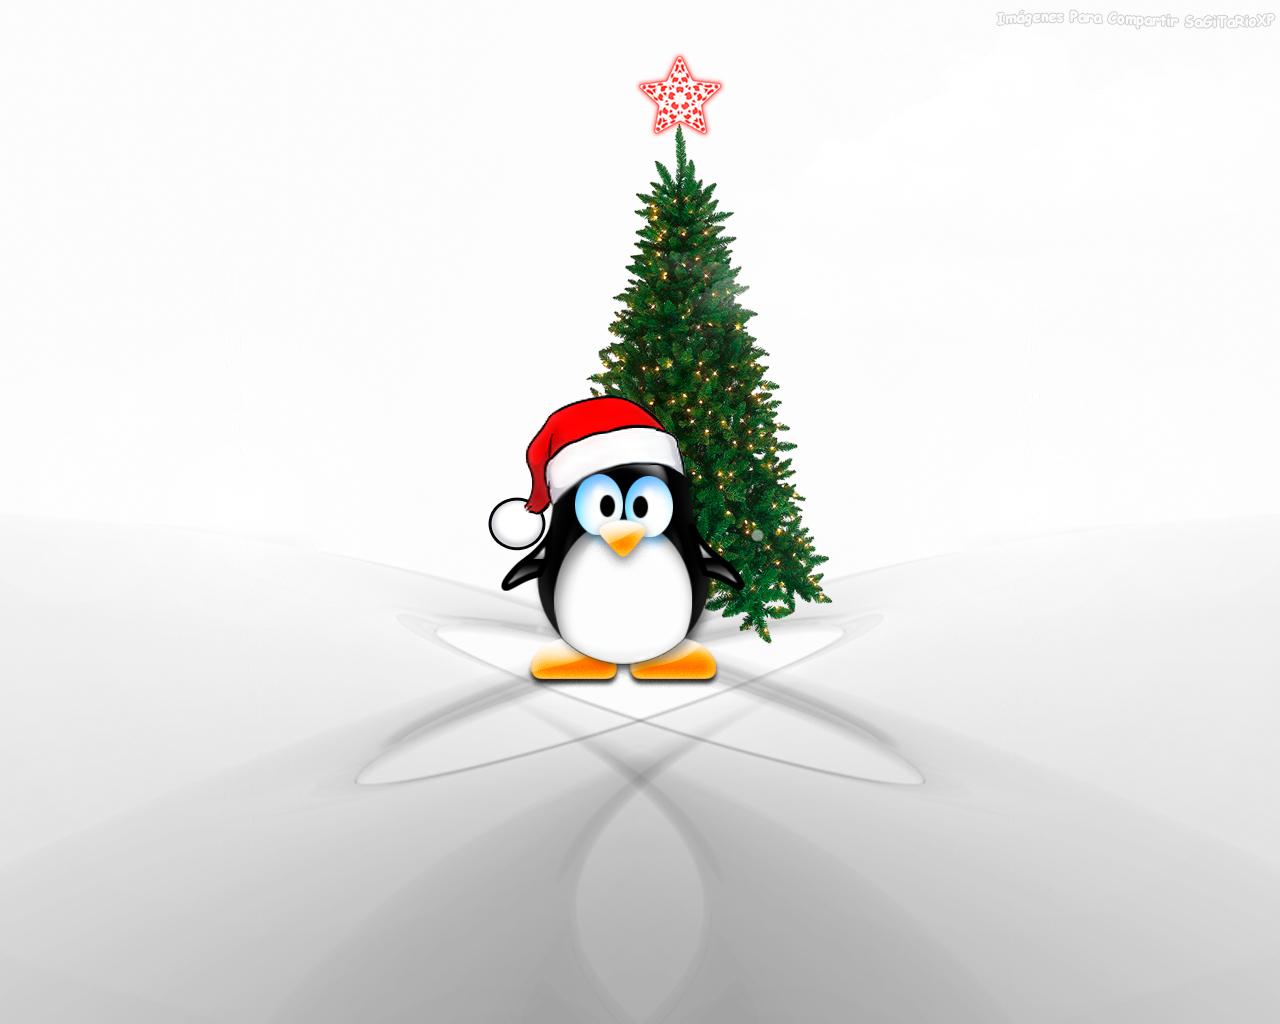 Rbol de navidad im genes y fondos - Arbol de navidad sencillo ...